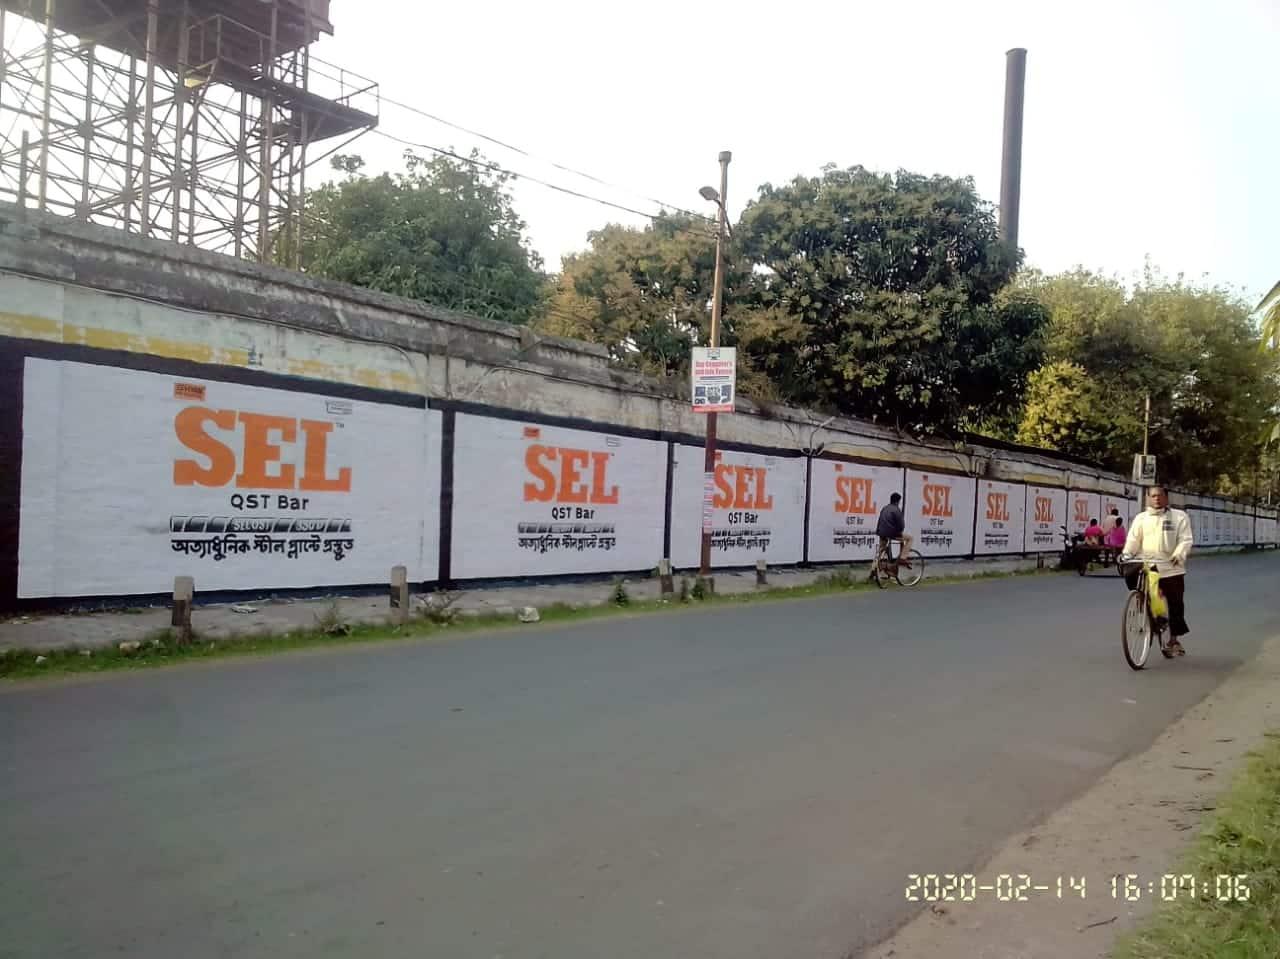 Shyam SEL QST Bar - Best TMT Bar Kolkata